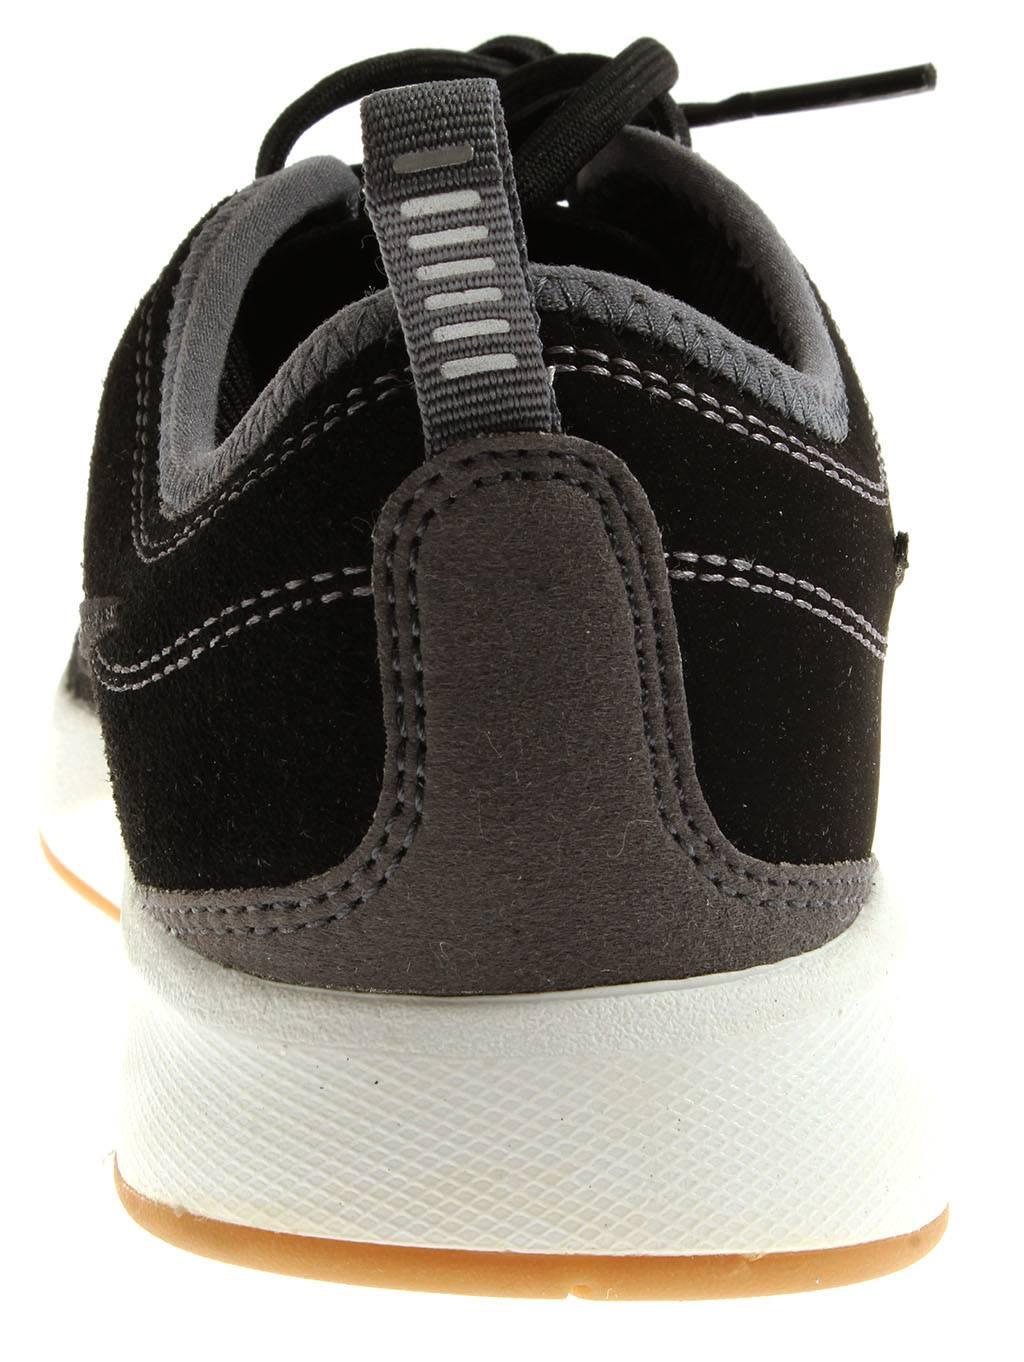 Detalles de Nike Zapatilla W Dualtone Racer Se Deportiva de Mujer Zapatos Mujer Piel 940418